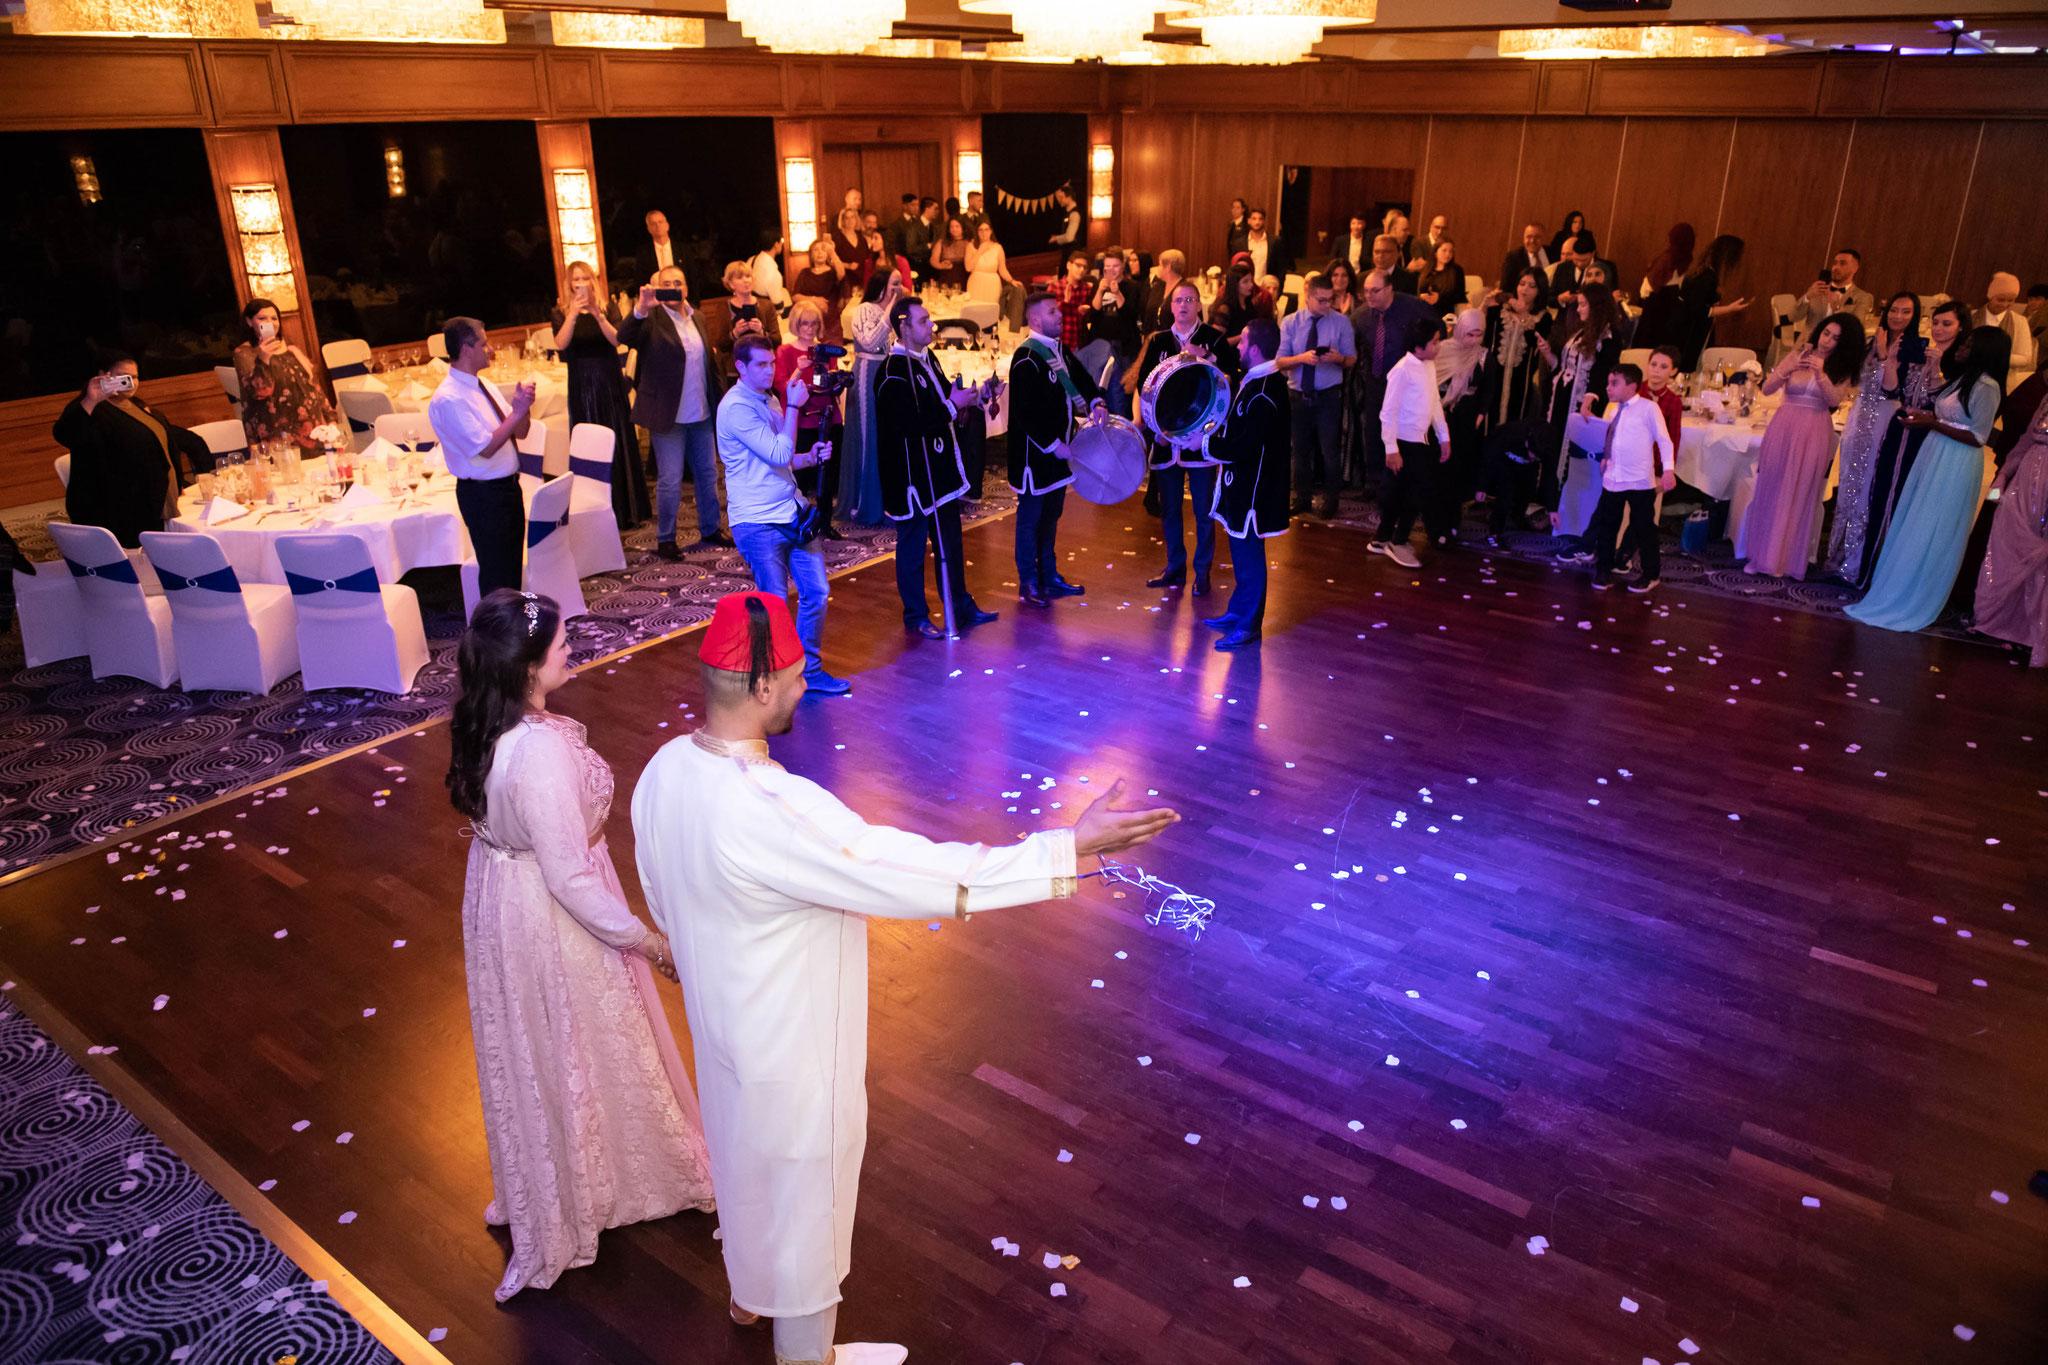 Videograf in Darmstadt gesucht für marokkanische Hochzeit